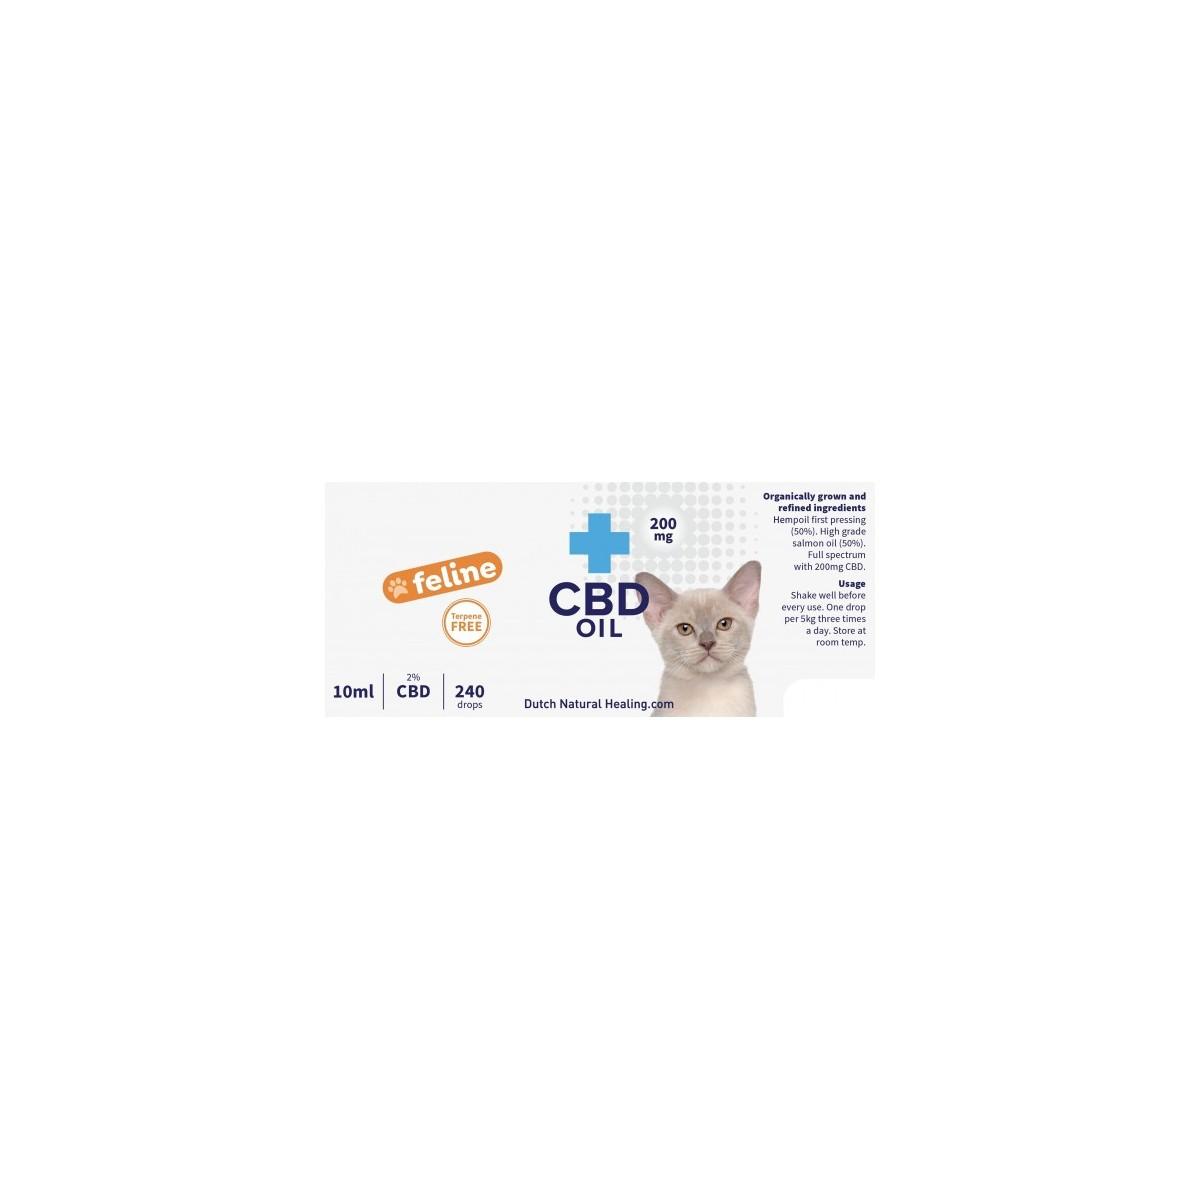 Huile de CBD pour chats 10ml - 2% (200mg)  - 1